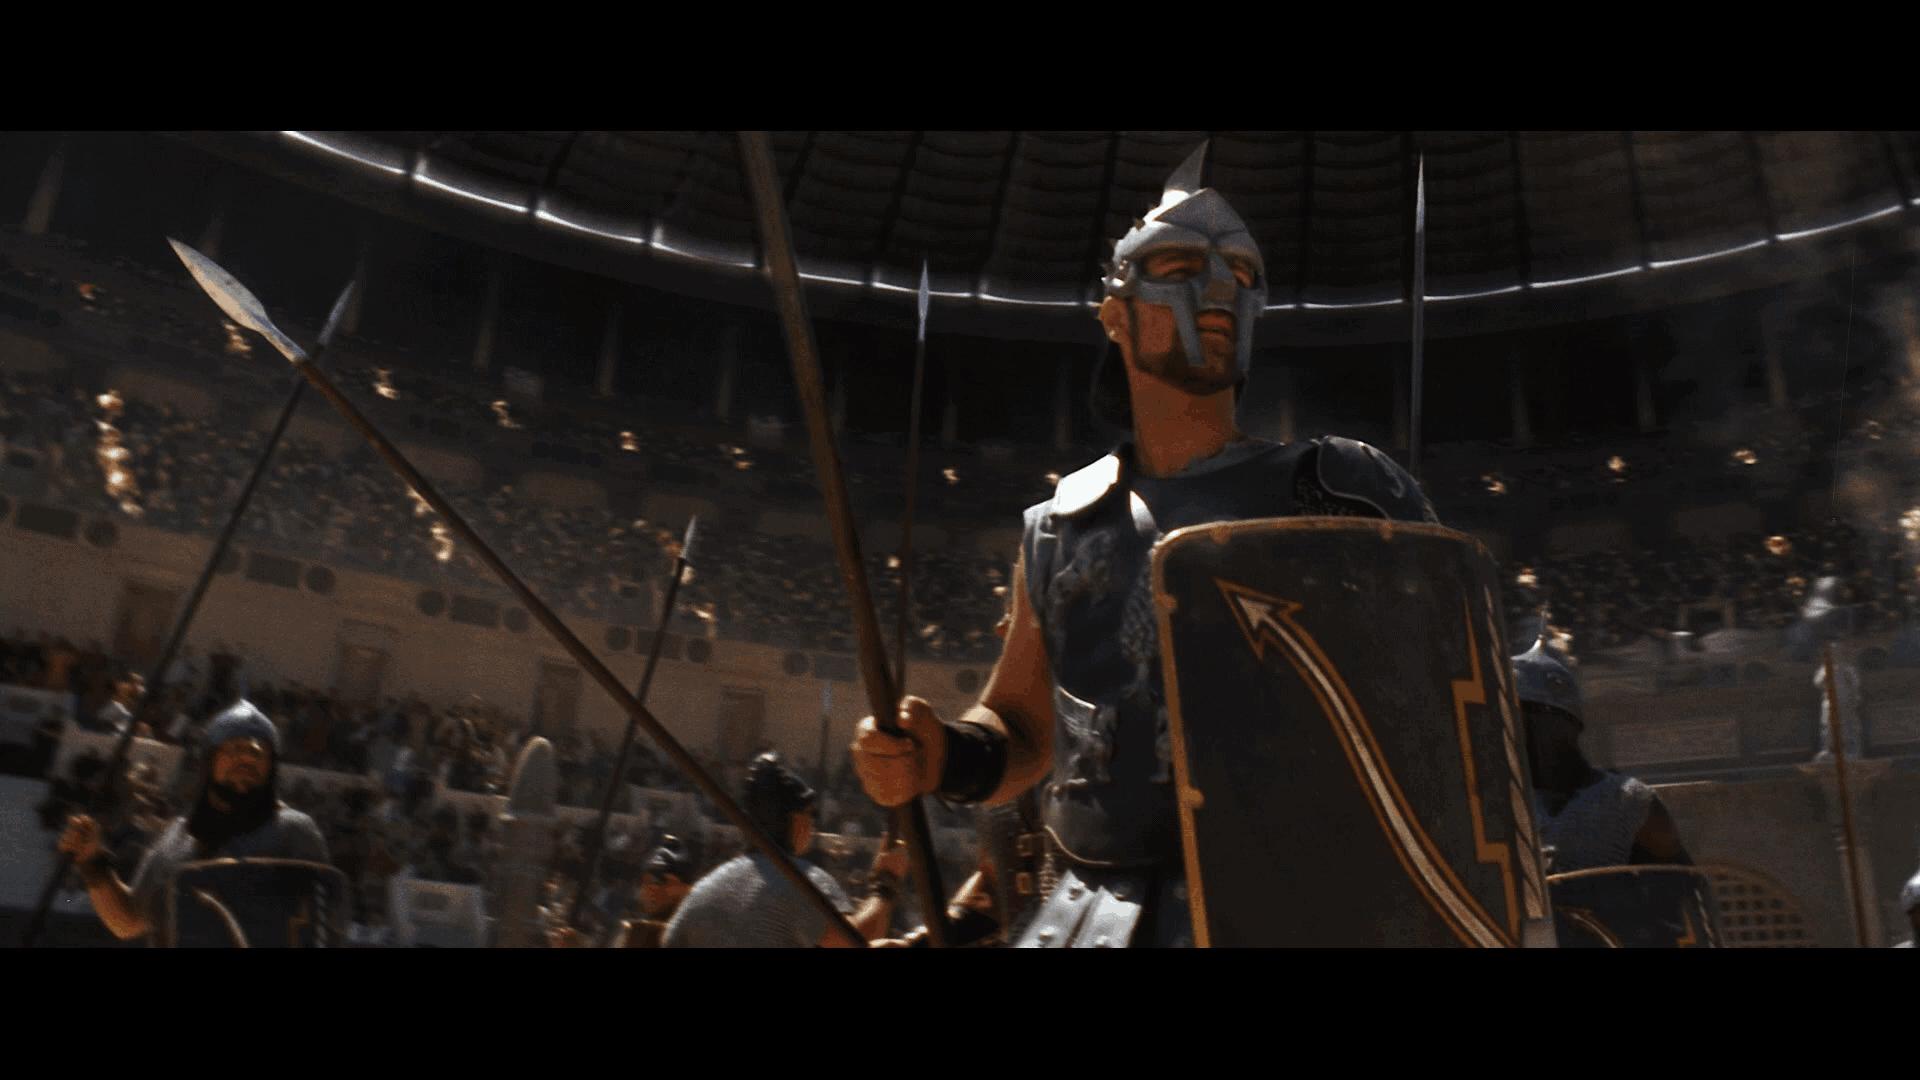 gladiator 4k uhd 7